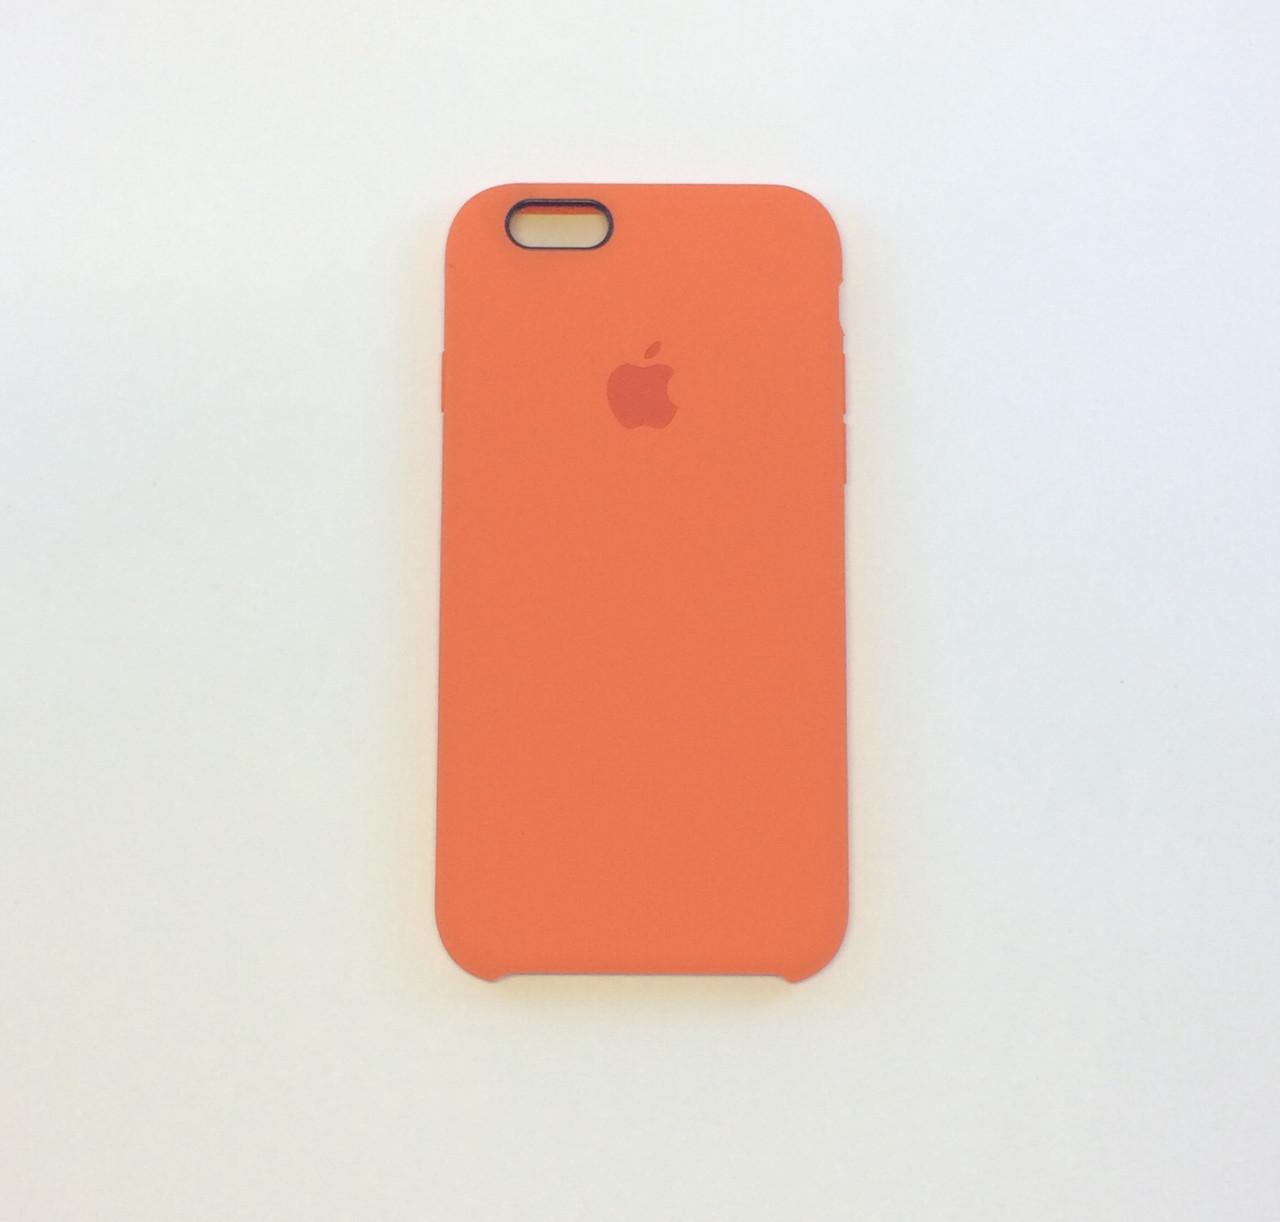 Чехол для iPhone 6/6s, сочный персик, силикон, copy original